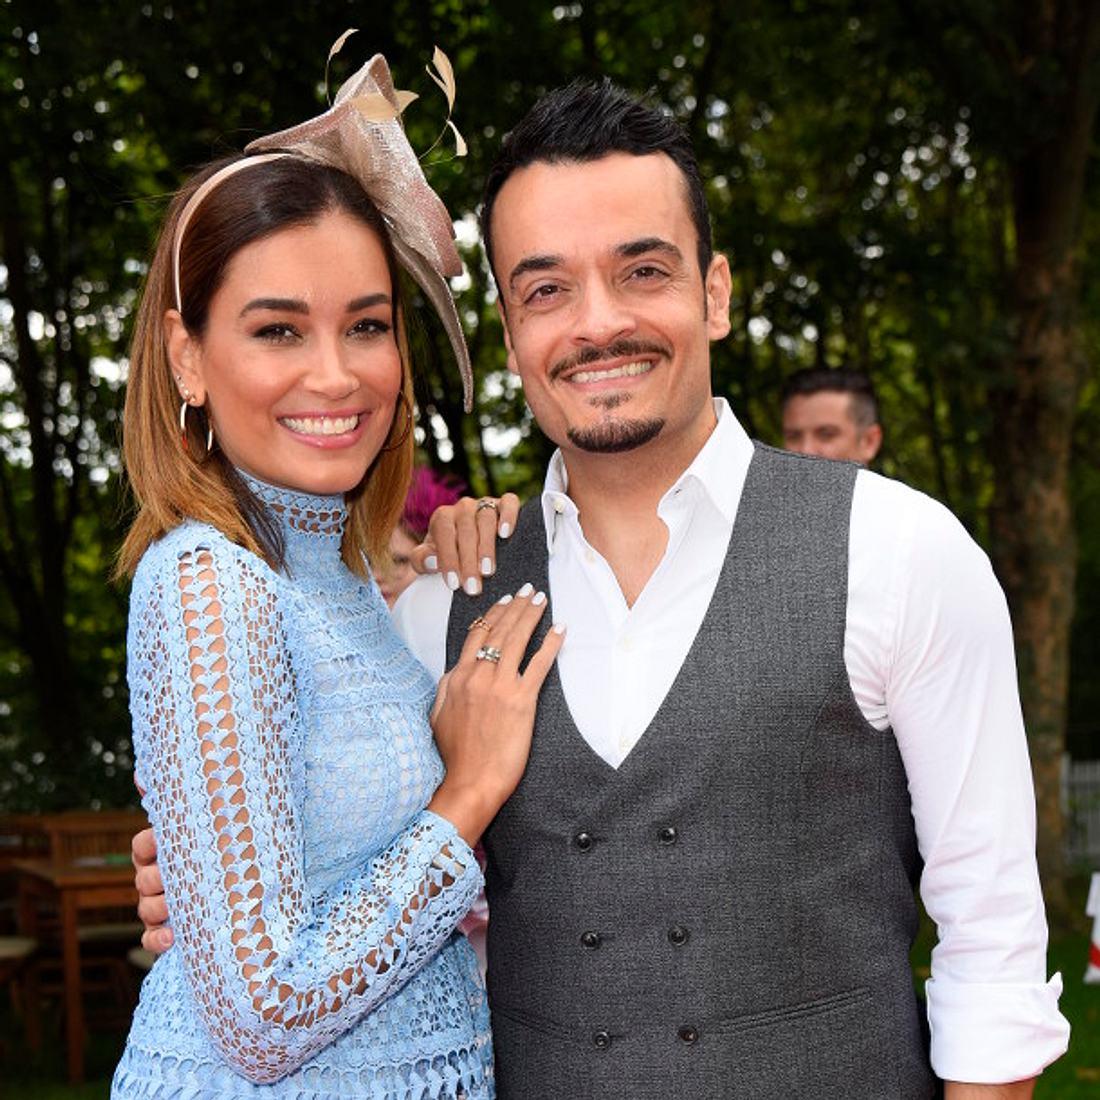 Jana Ina und Giovanni Zarrella standen kurz vorm Ehe-Aus!